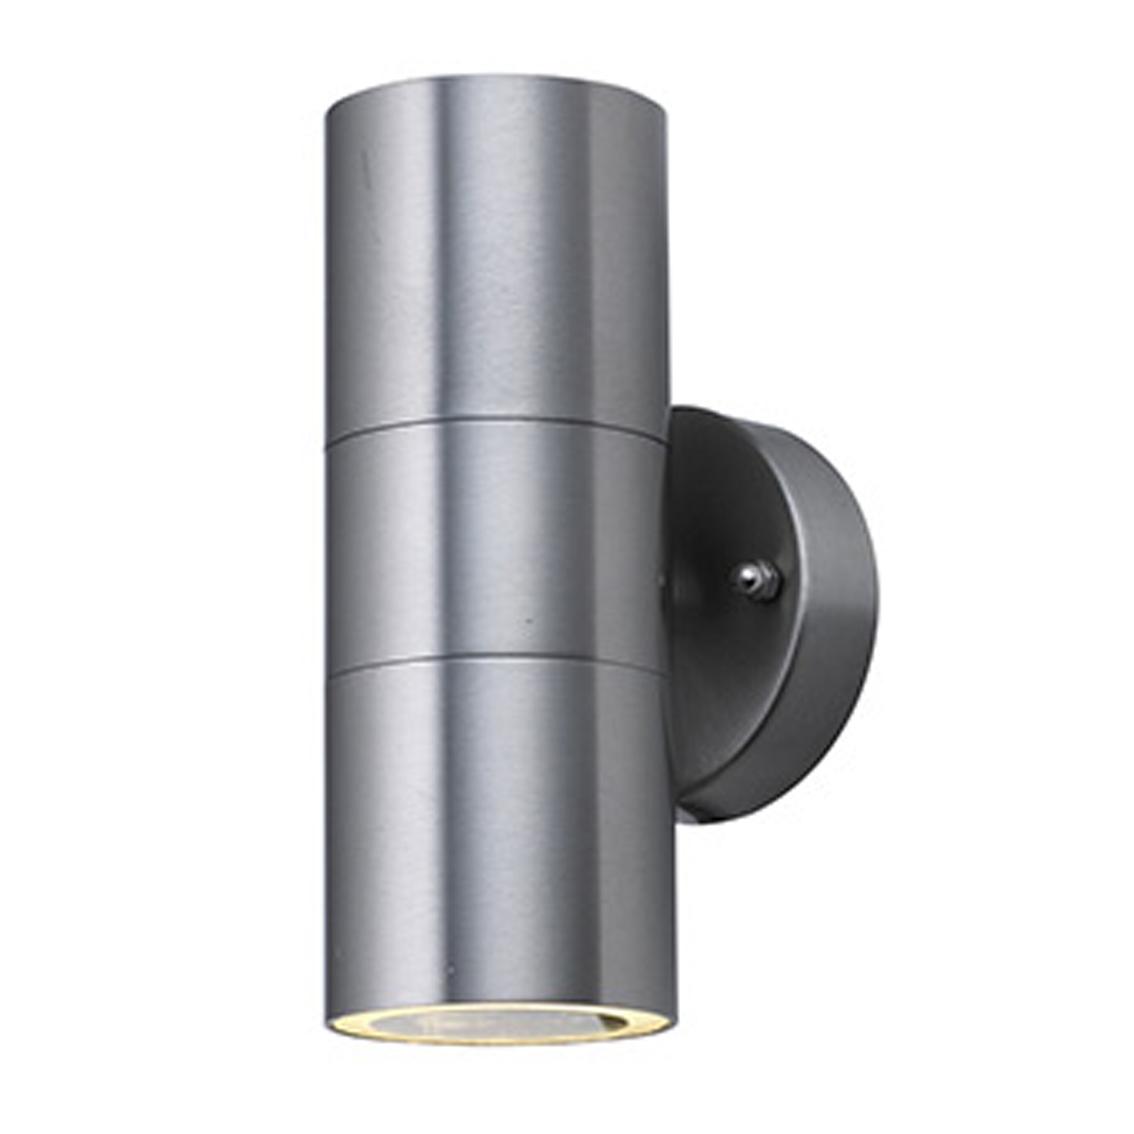 Vrtna lampa svjetiljka GU10 HL 266 MANOLYA-2 Horoz Elektro Vukojevic